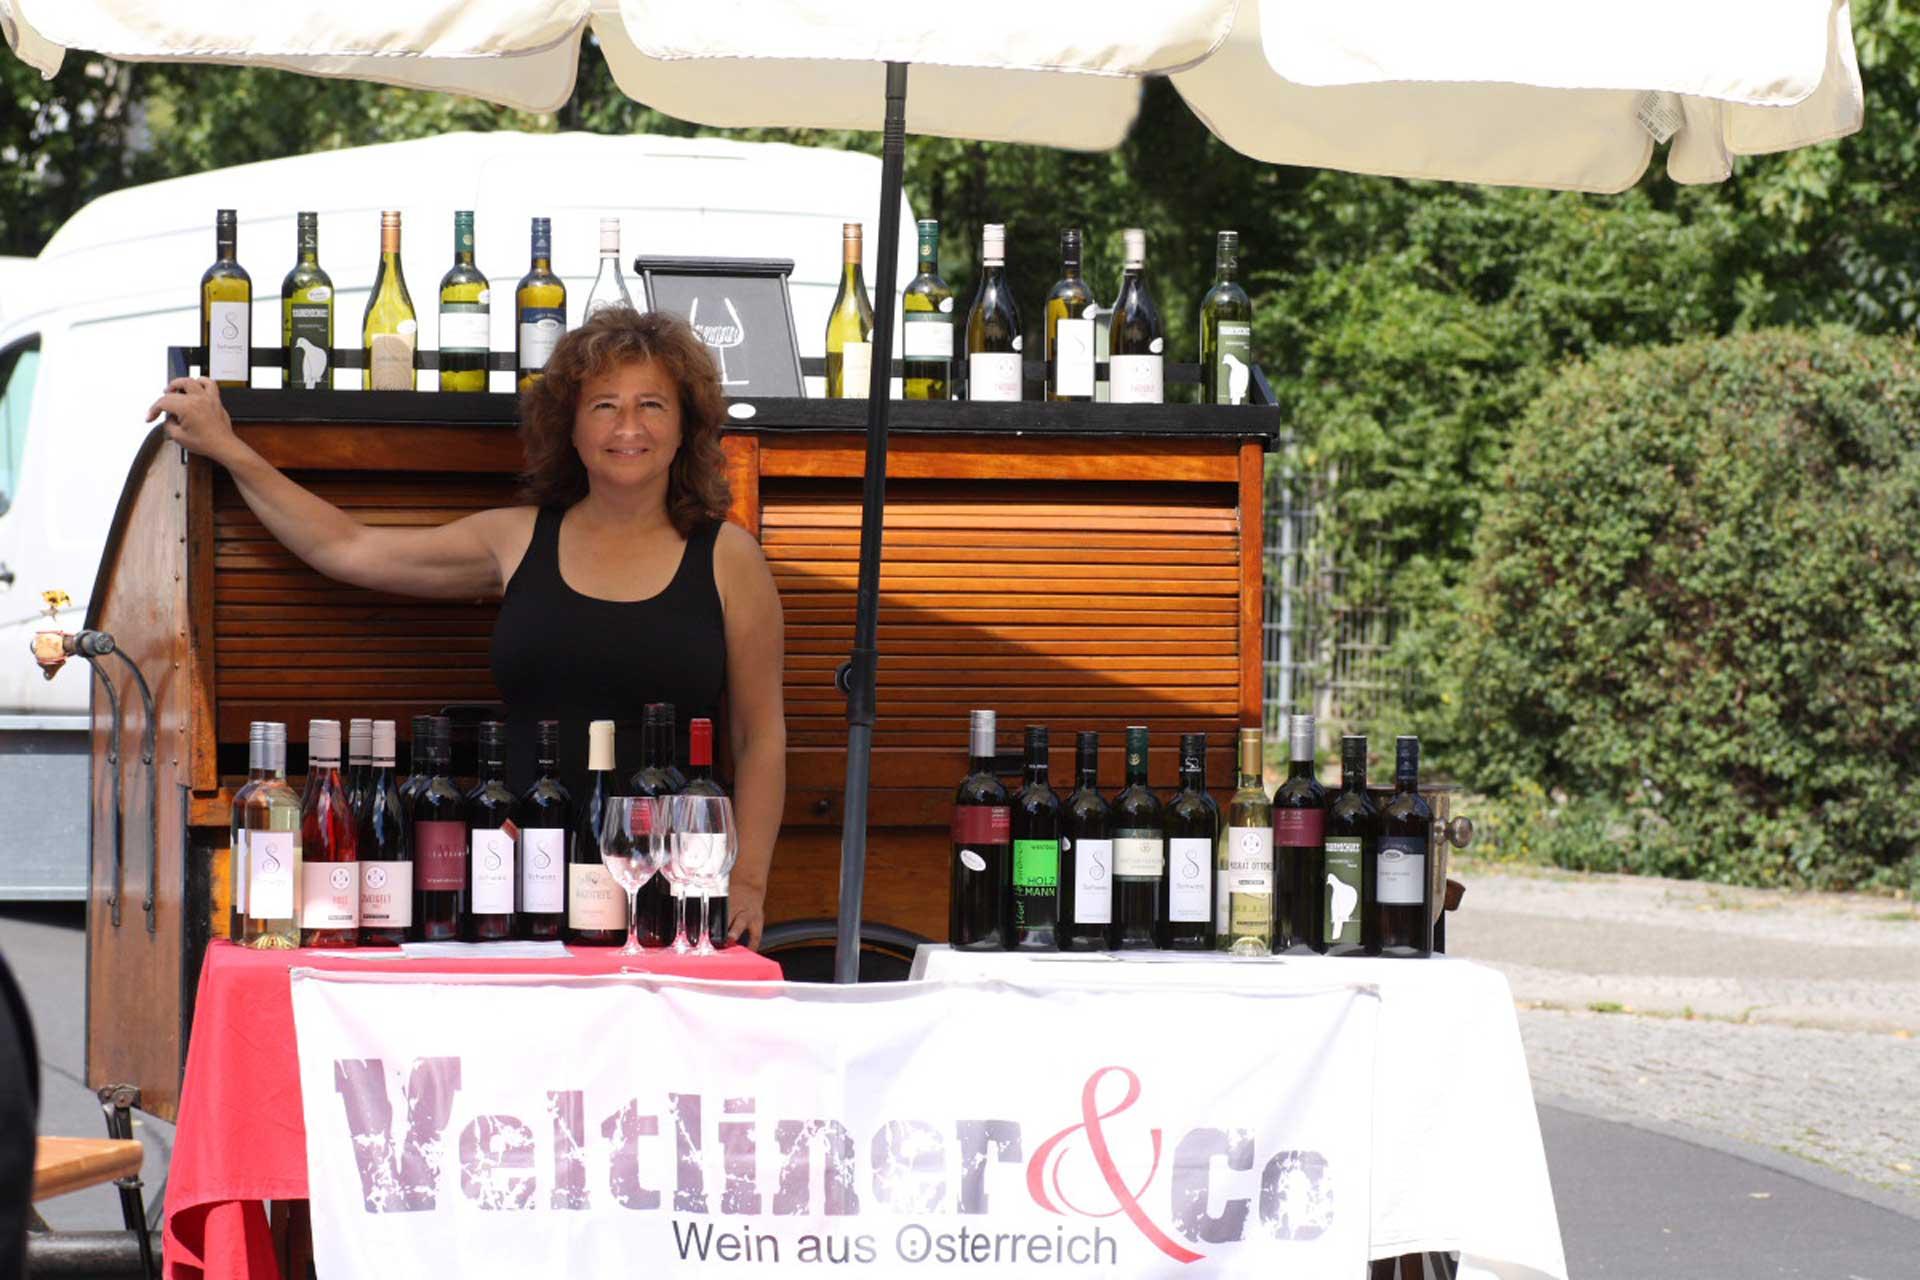 Veltliner & Co mit Wein Lastenfahrrad am Markt